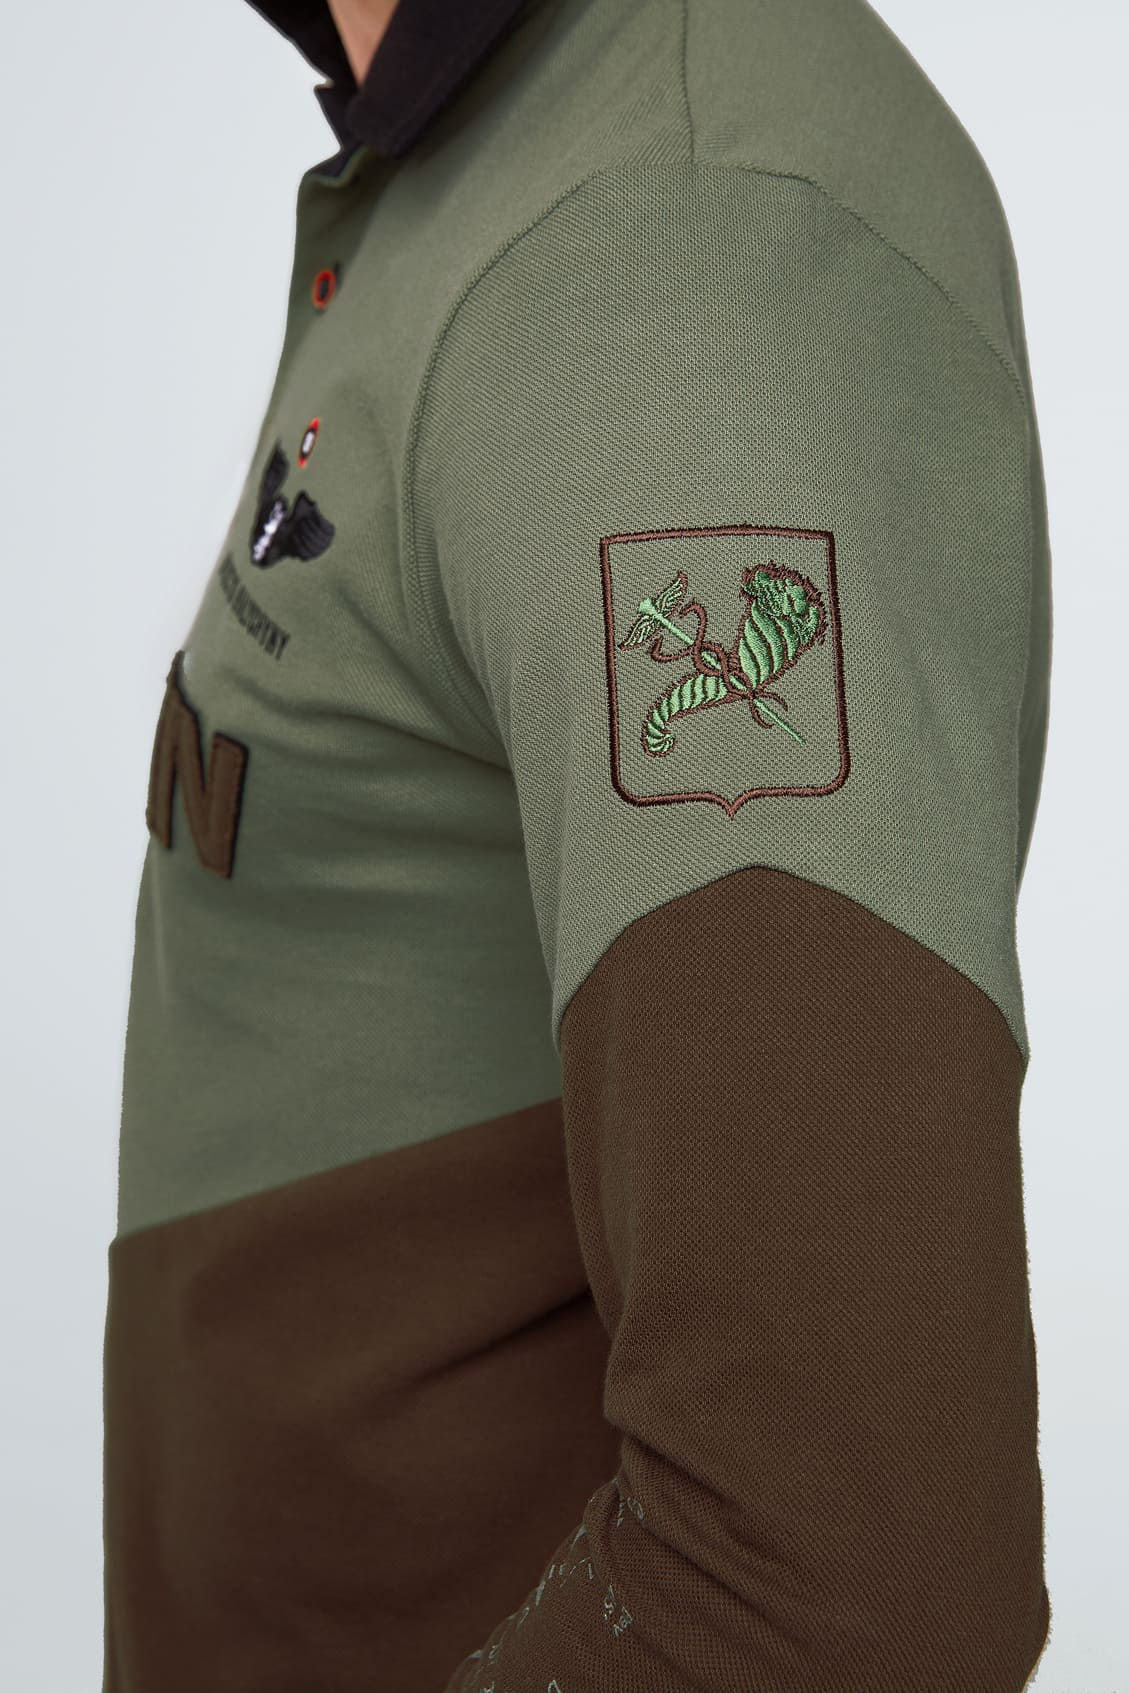 Чоловіче Поло-Лонґ Kharkiv. Колір зелений.  Відтінки кольорів на вашому екрані можуть відрізнятися від кольору оригіналу.